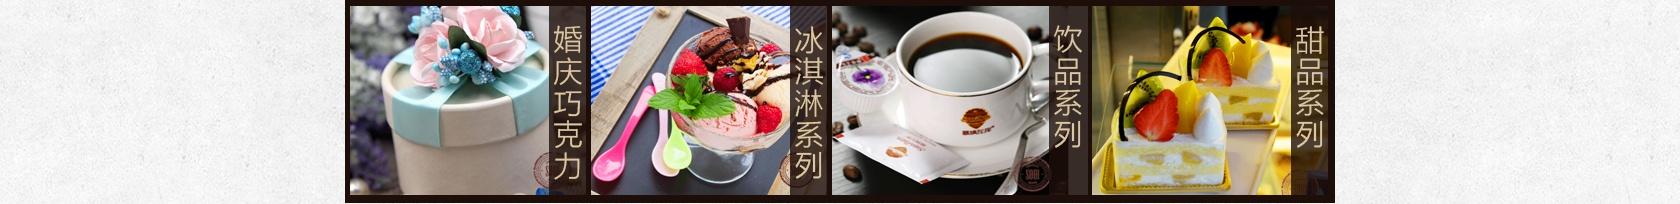 婚庆巧克力,冰淇淋系列,饮品系列,甜品系列